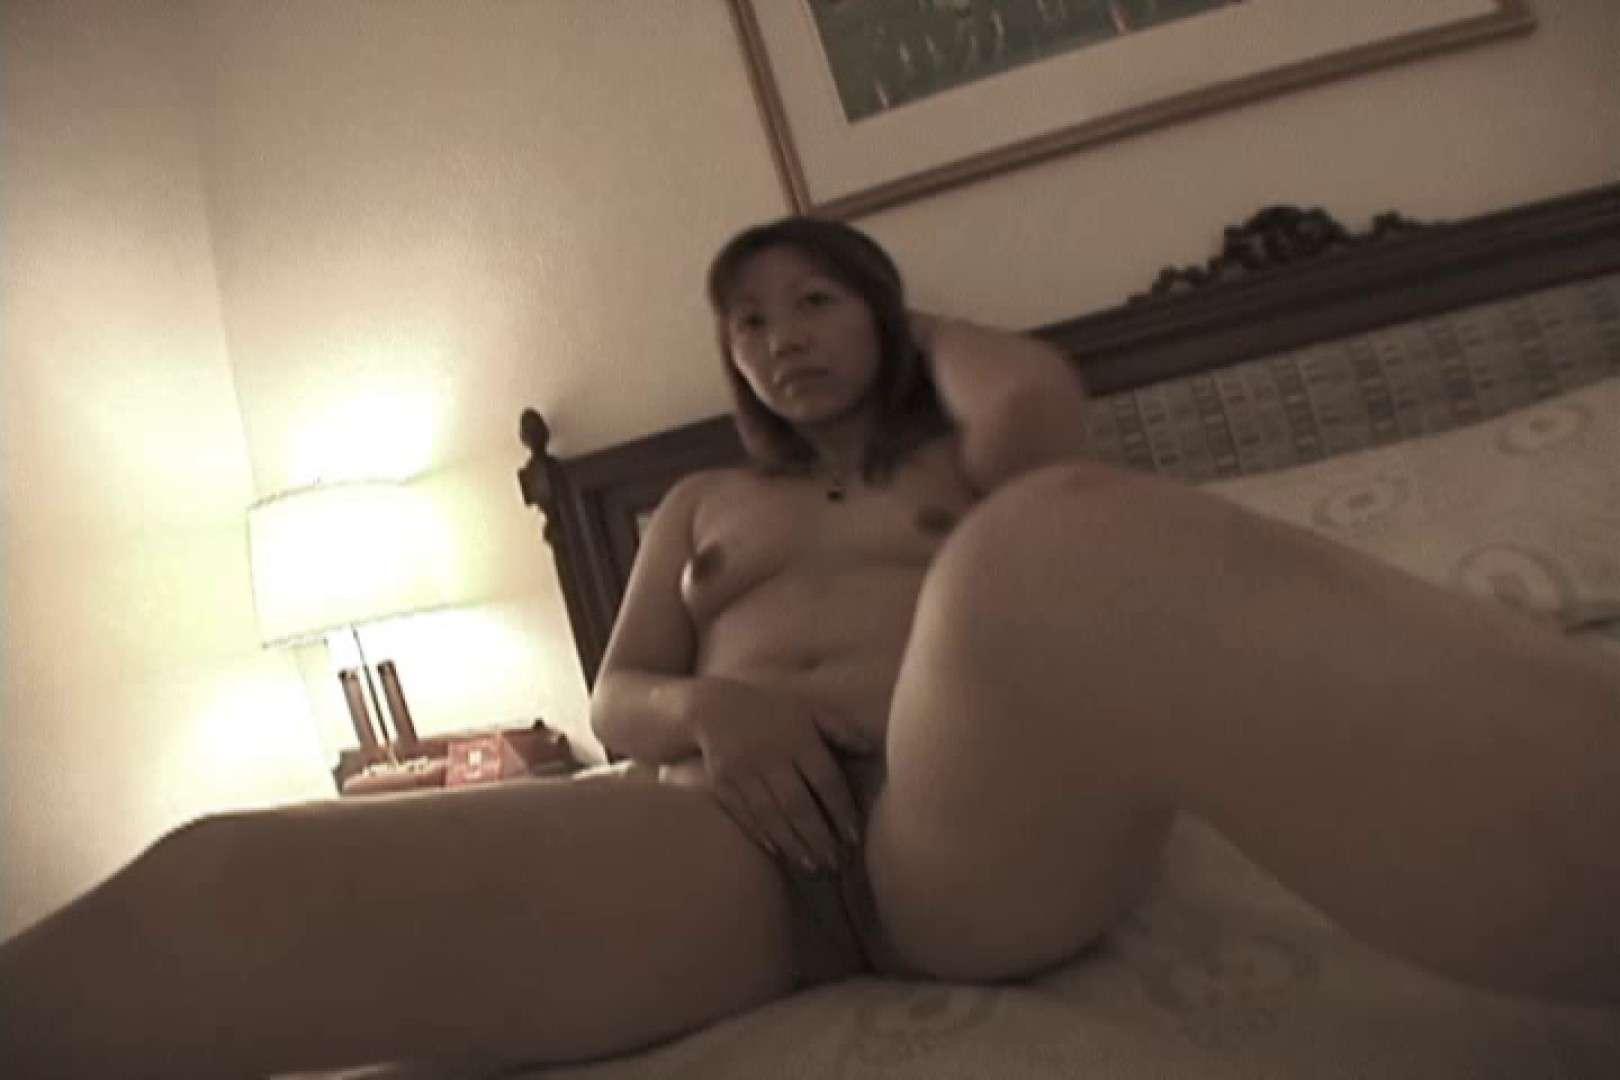 ツンデレ素人嬢もチンポには弱い~増田あけみ~ 素人  105枚 70